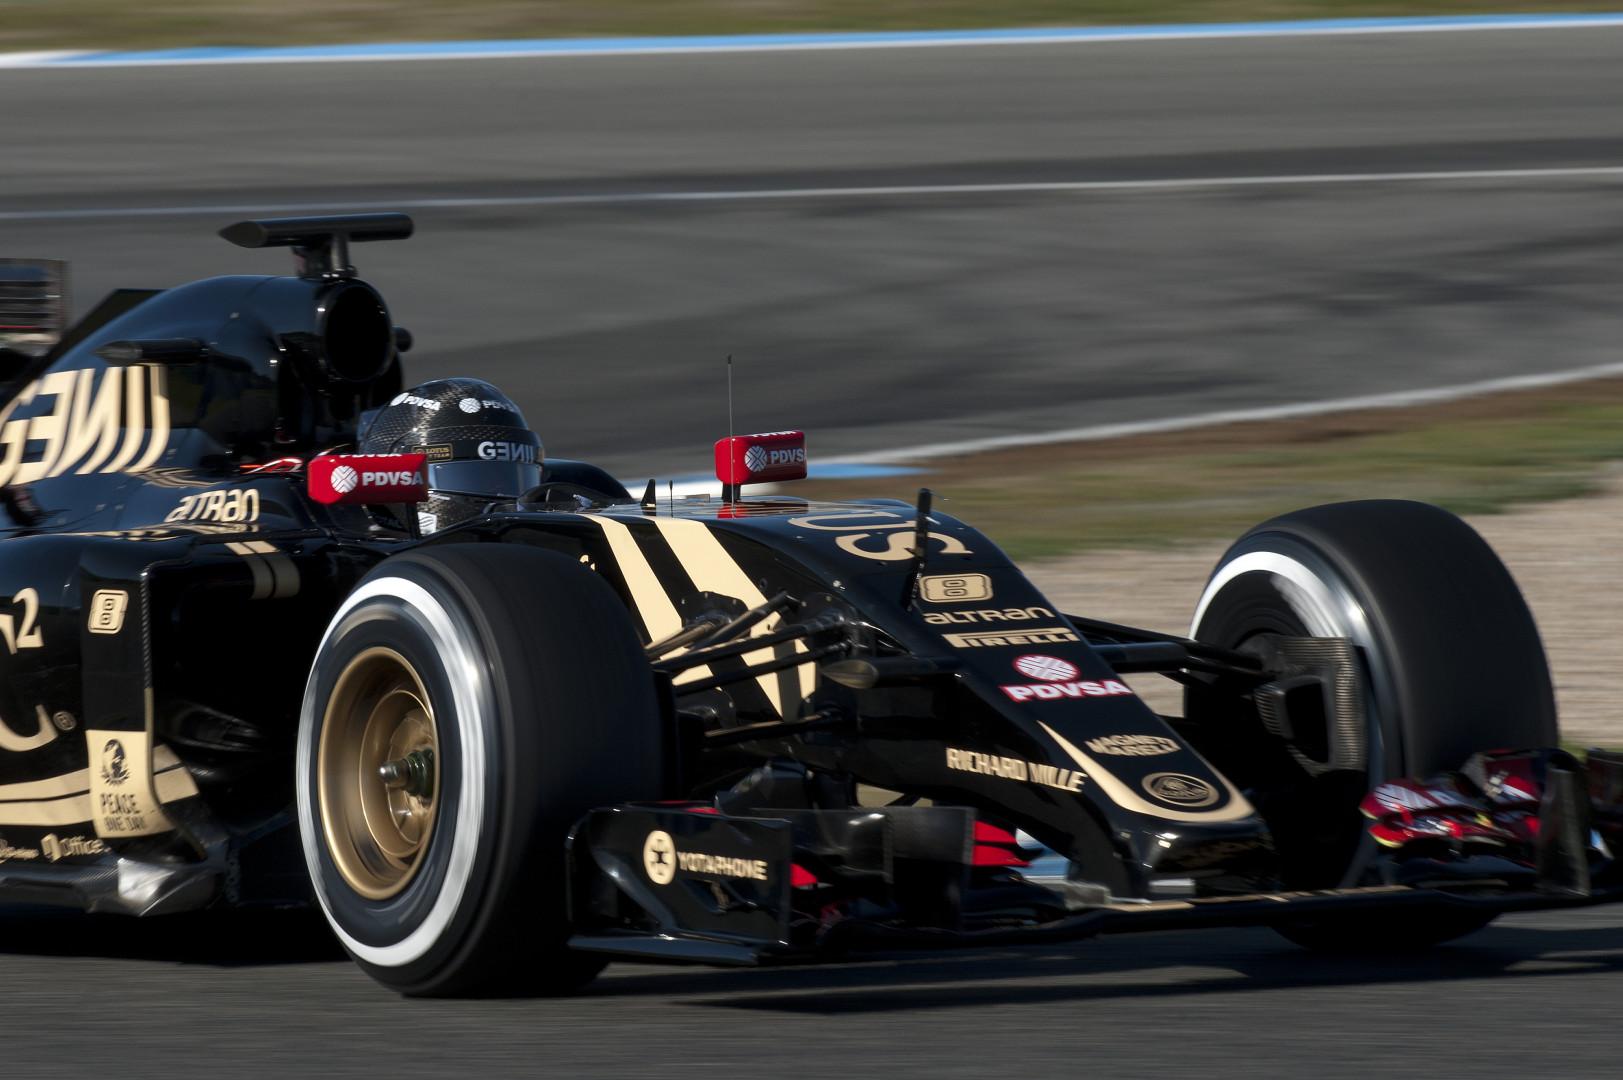 Le Français Romain Grosjean, 14e du championnat en 2014, espère retrouver une Lotus compétitive